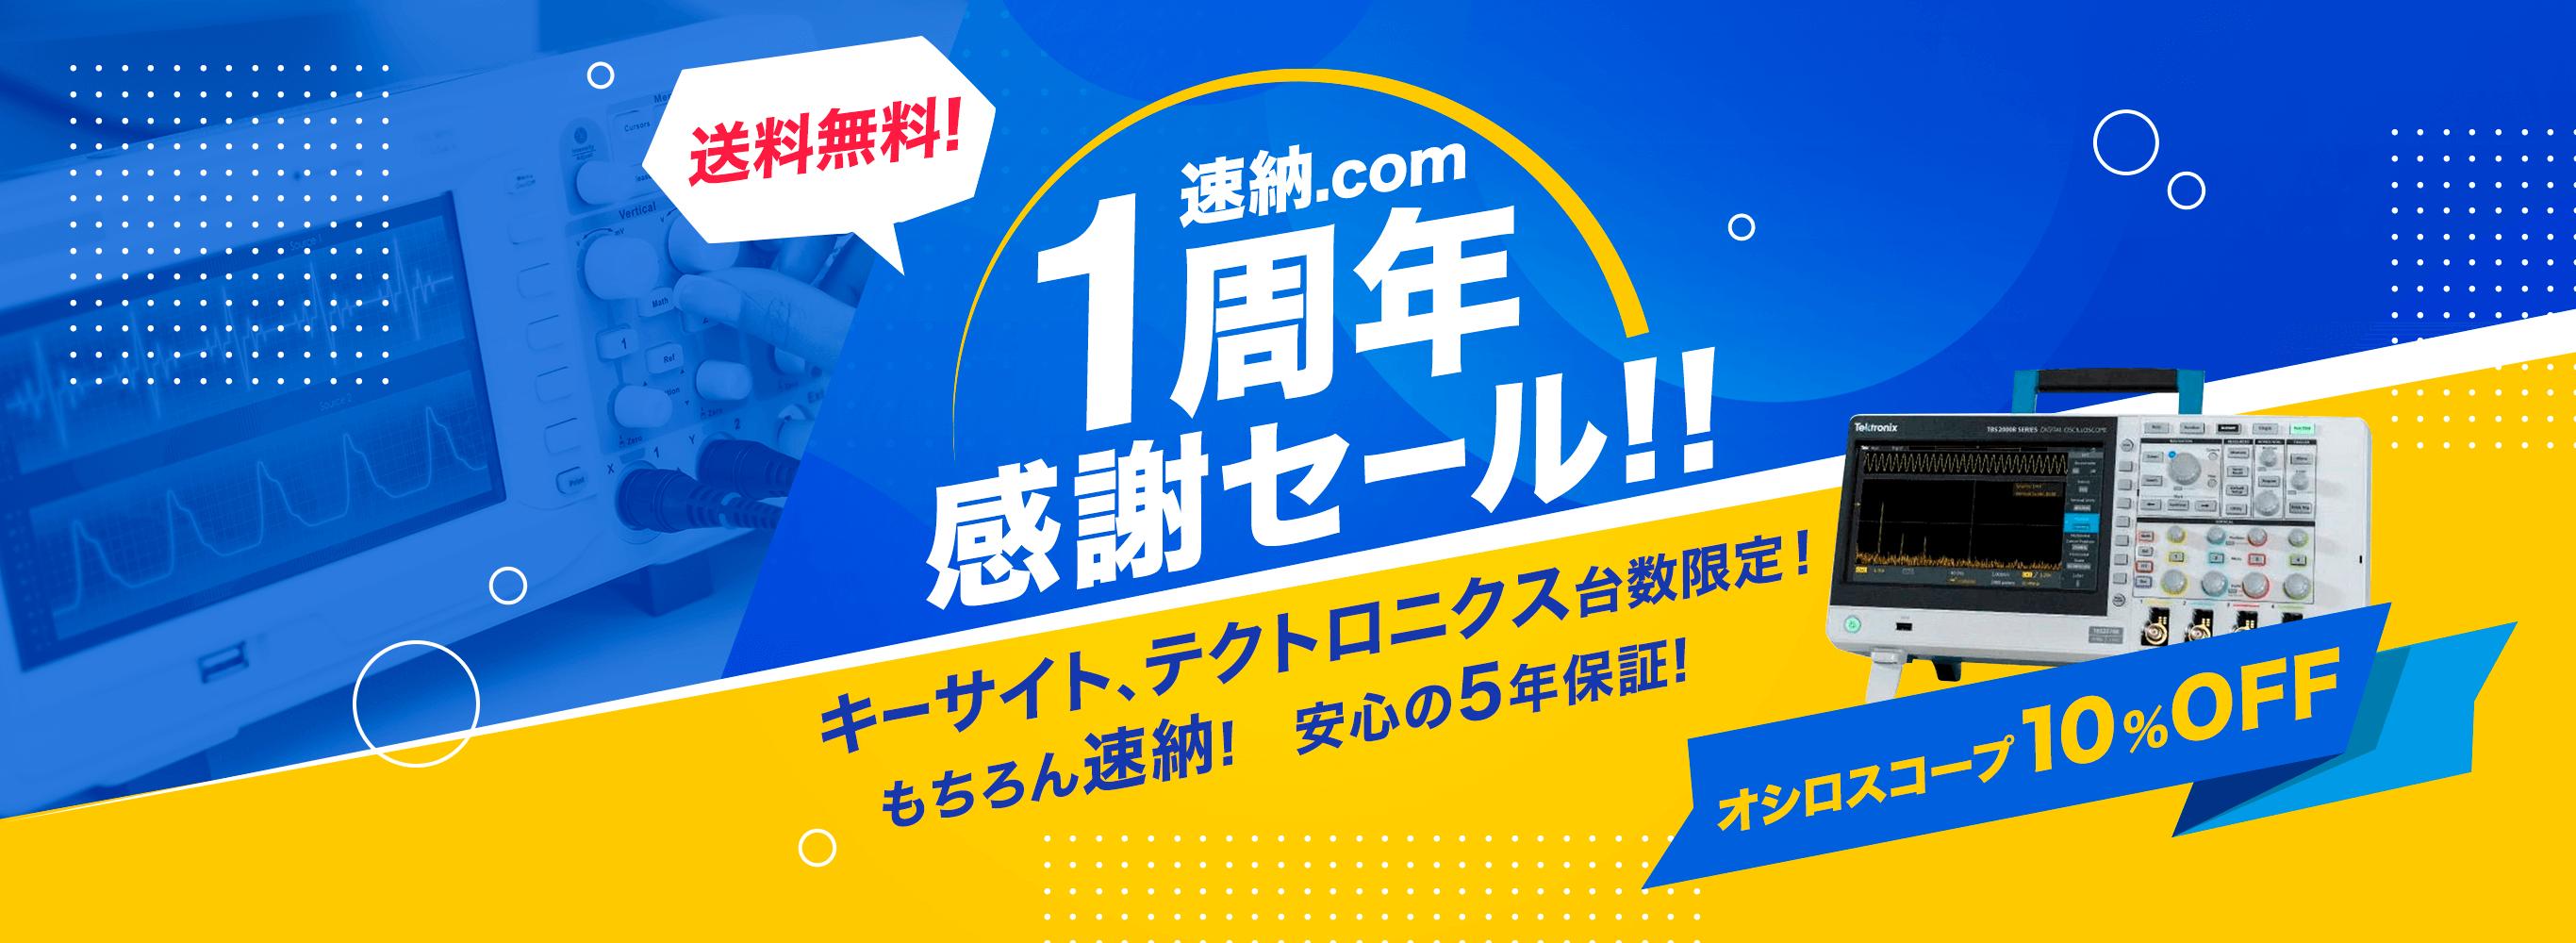 2021年6月スタート!!速納.com 1周年感謝セール!!キーサイト、テクトロニクス台数限定!もちろん速納!安心の5年保証!オシロスコープ10%OFF